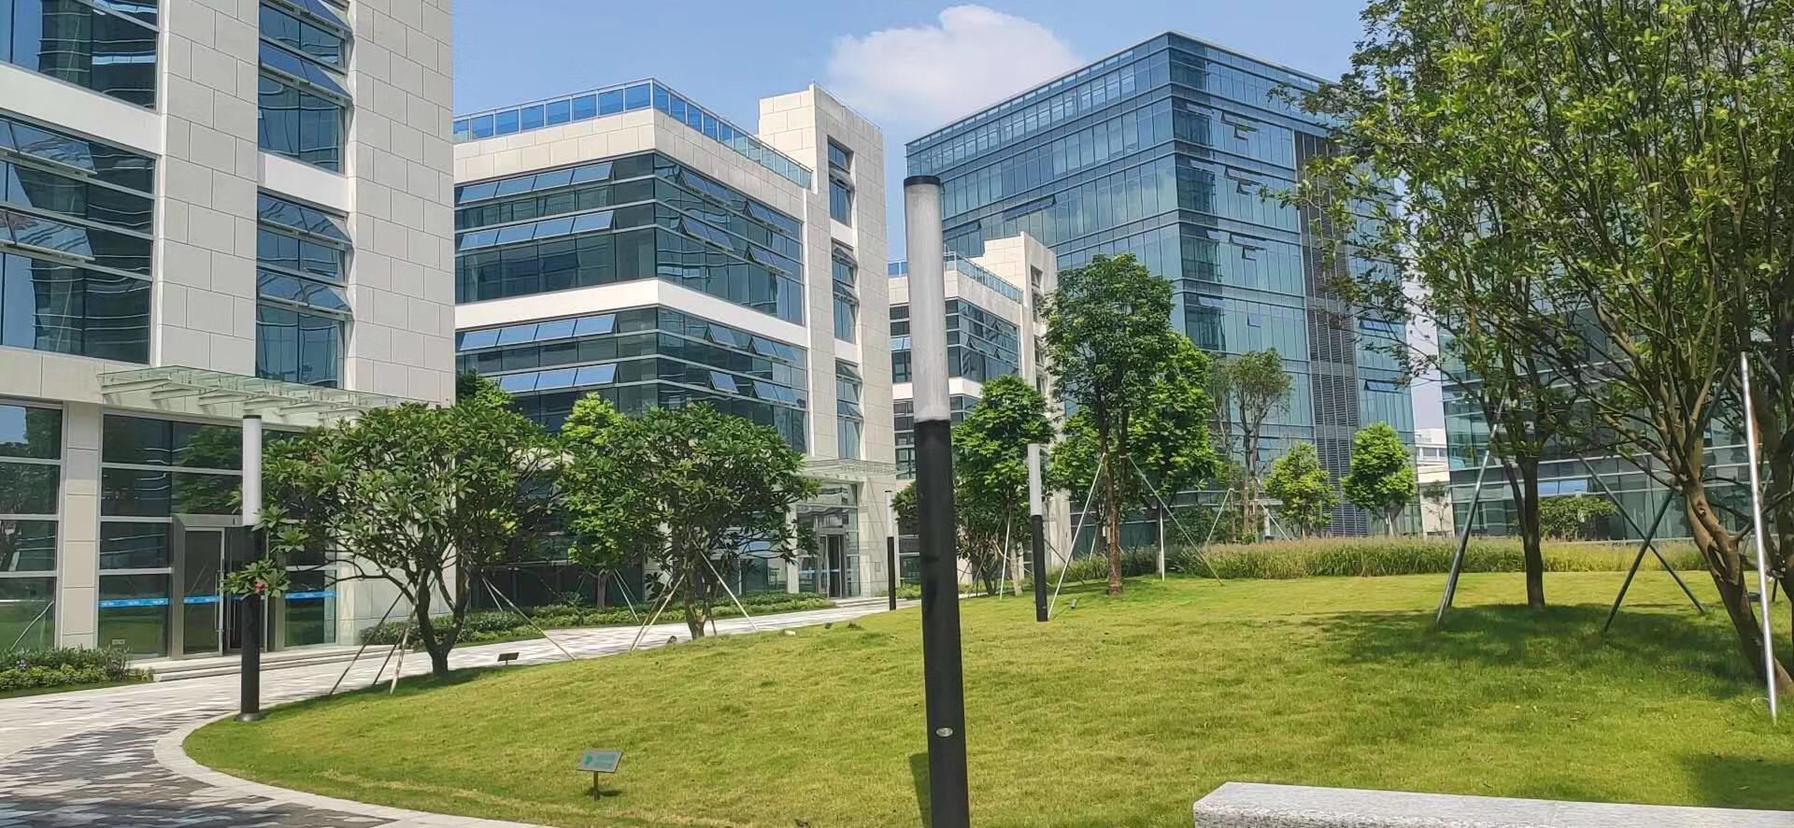 原房东布吉布澜路边工业园总体量50万平米火爆招租300平起分